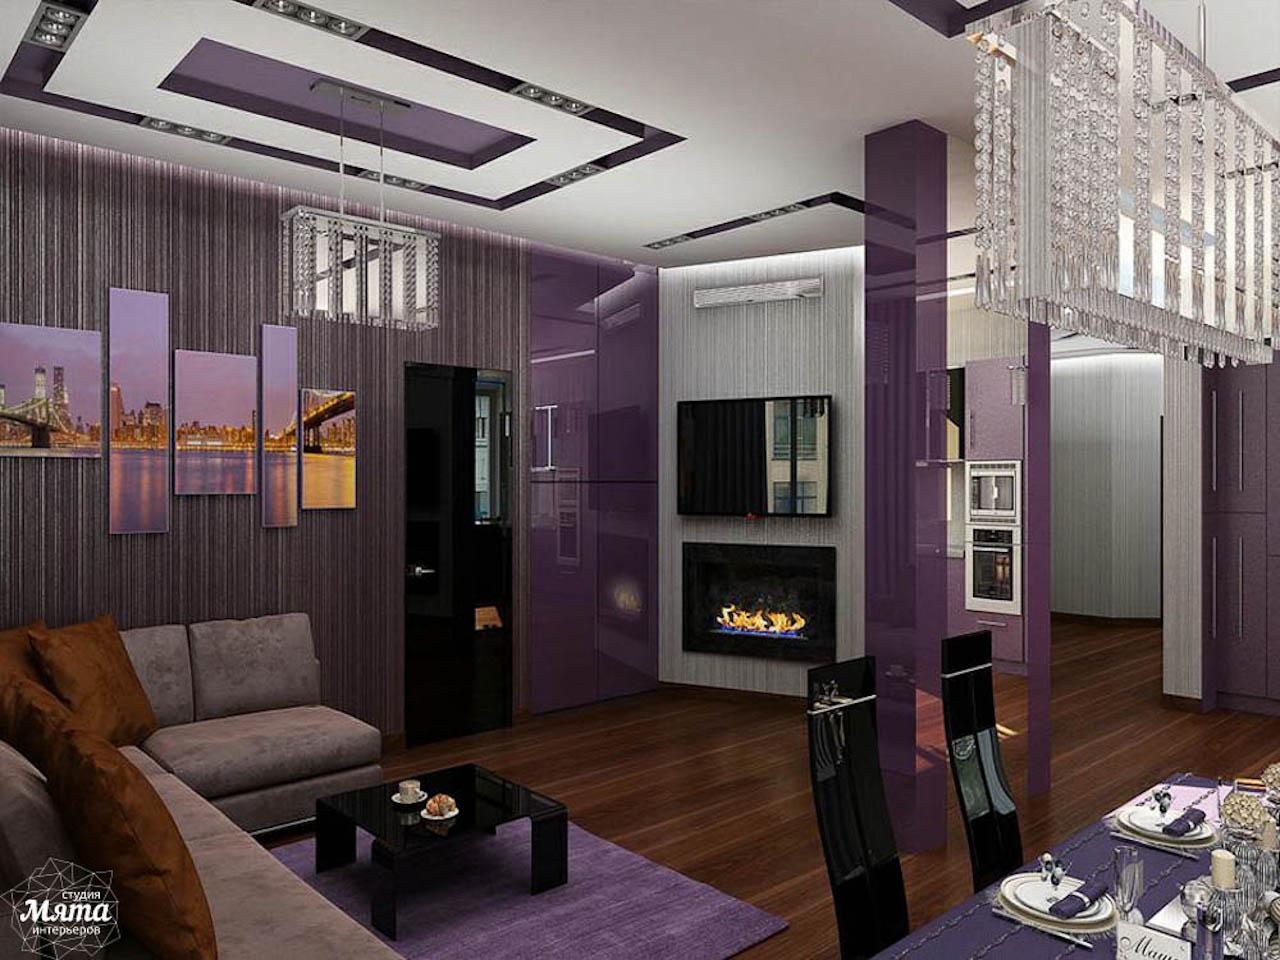 Дизайн интерьера трехкомнатной квартиры по ул. Николая Никонова 4 img1016038474